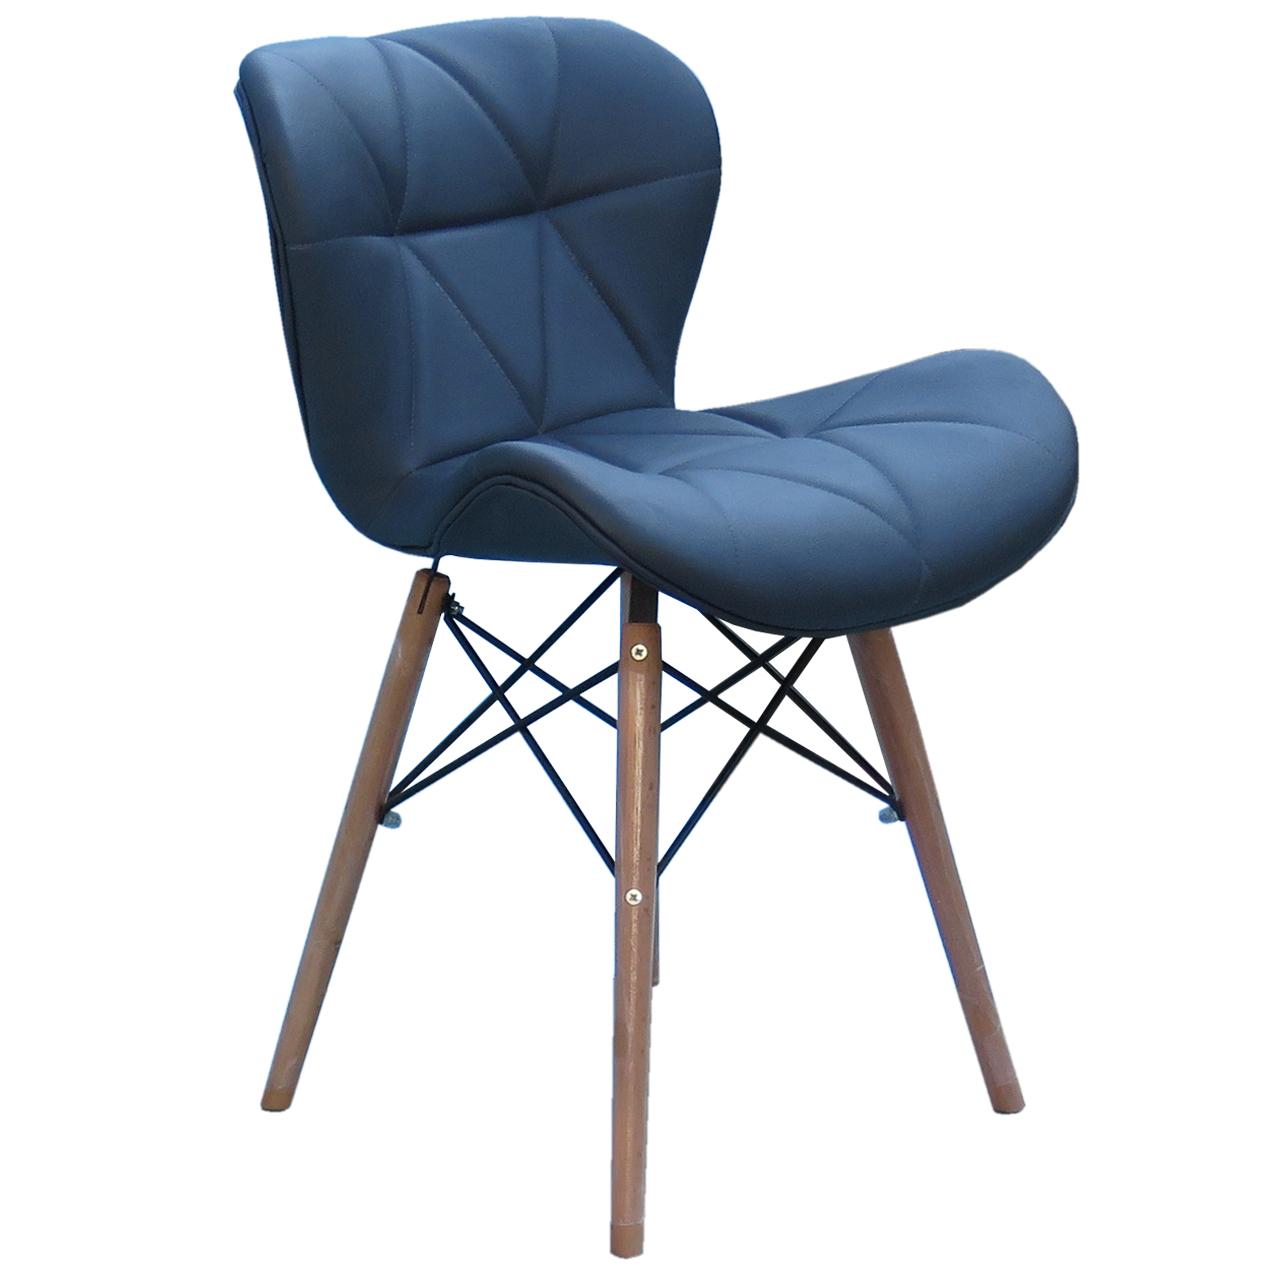 صندلی اوان مدل D150L چرمی